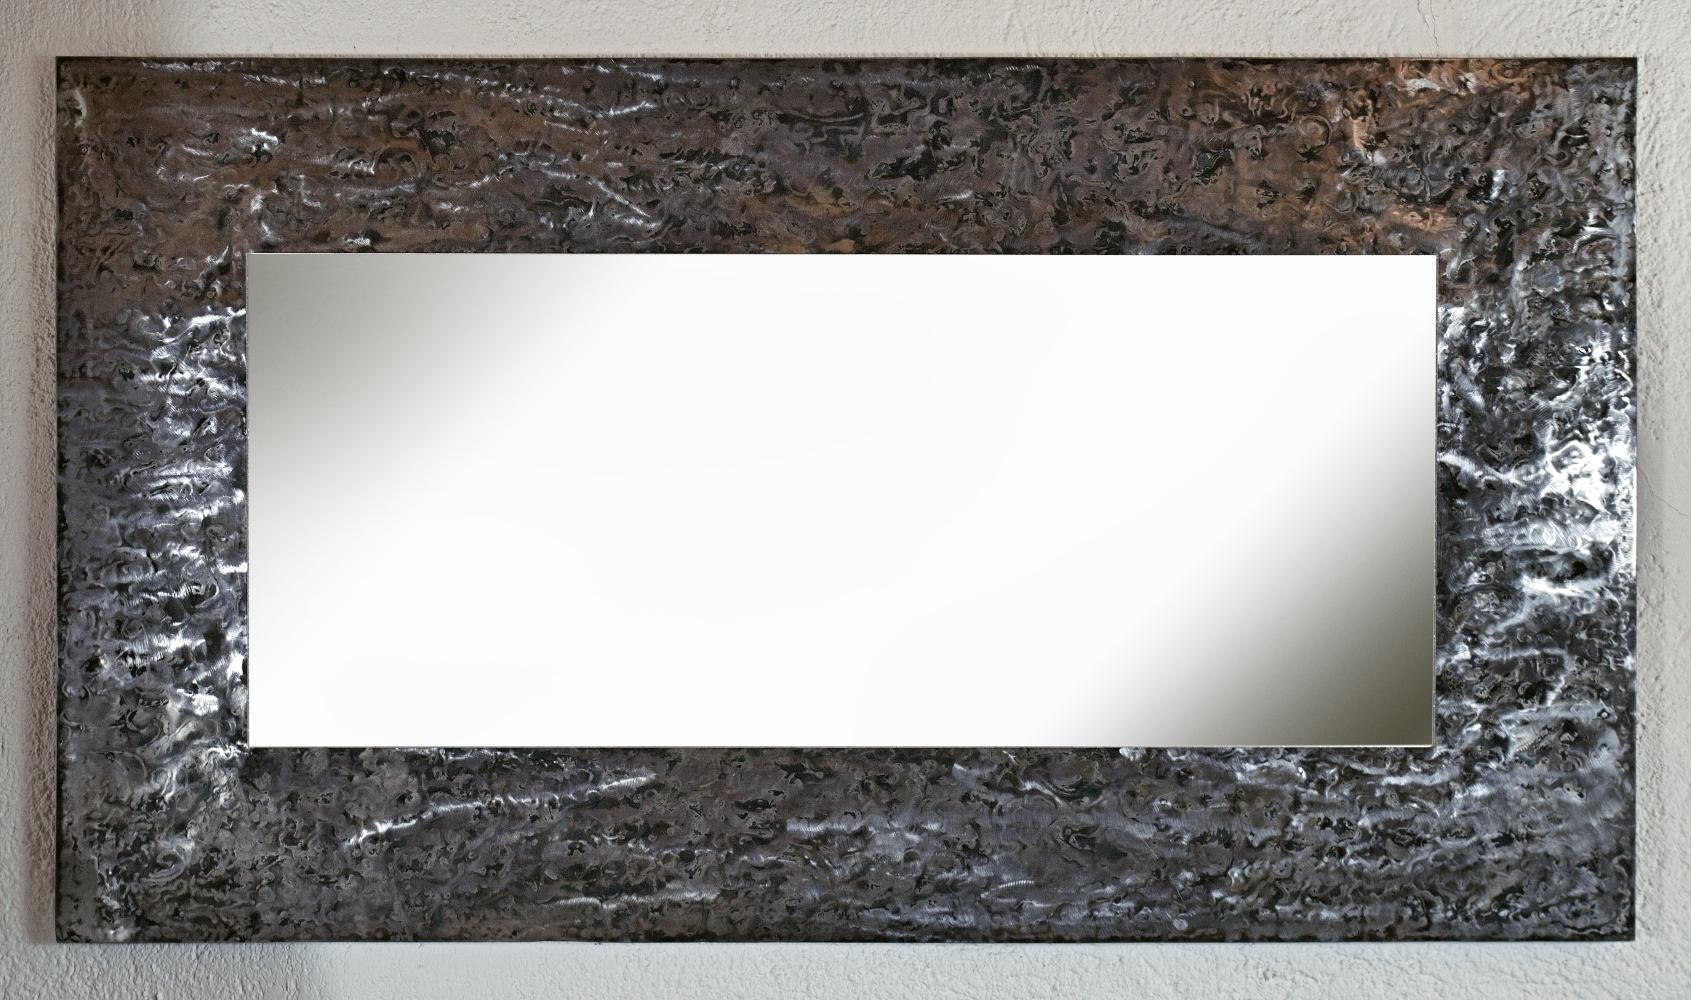 Domato - specchi da parete particolari, design, moderni di valore